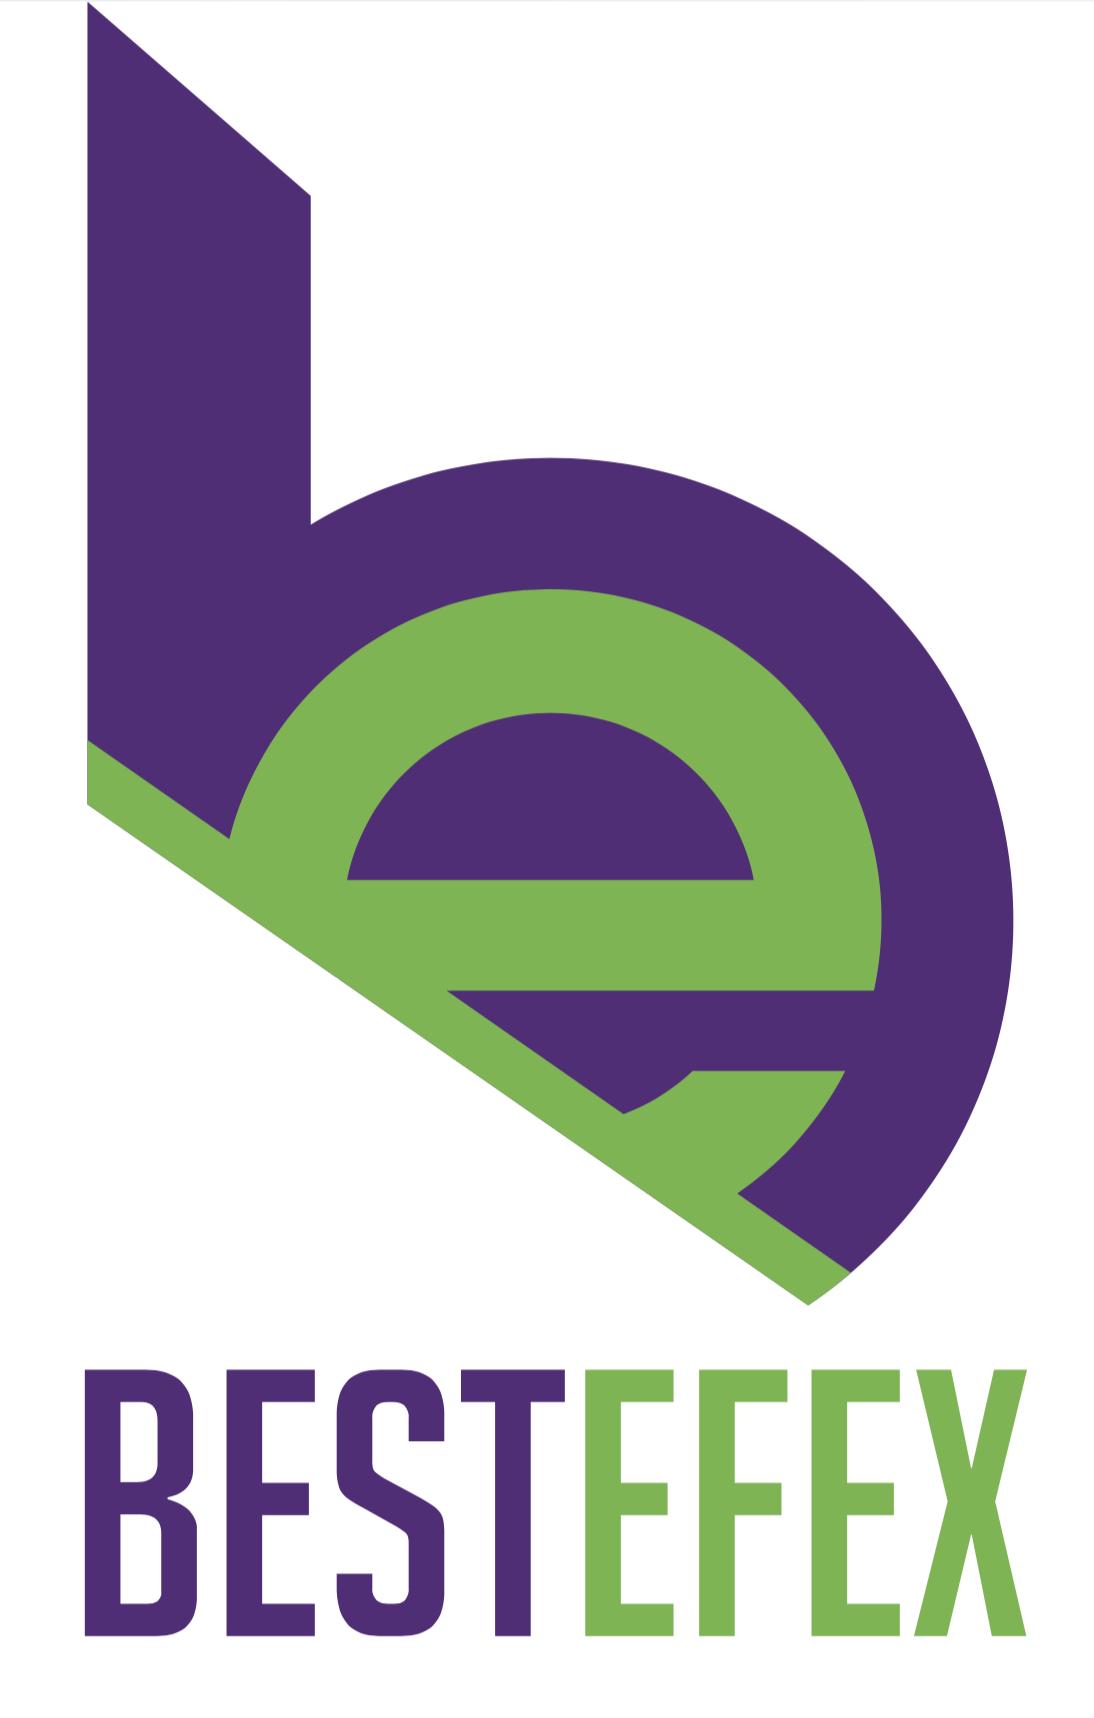 BestEfex Logo